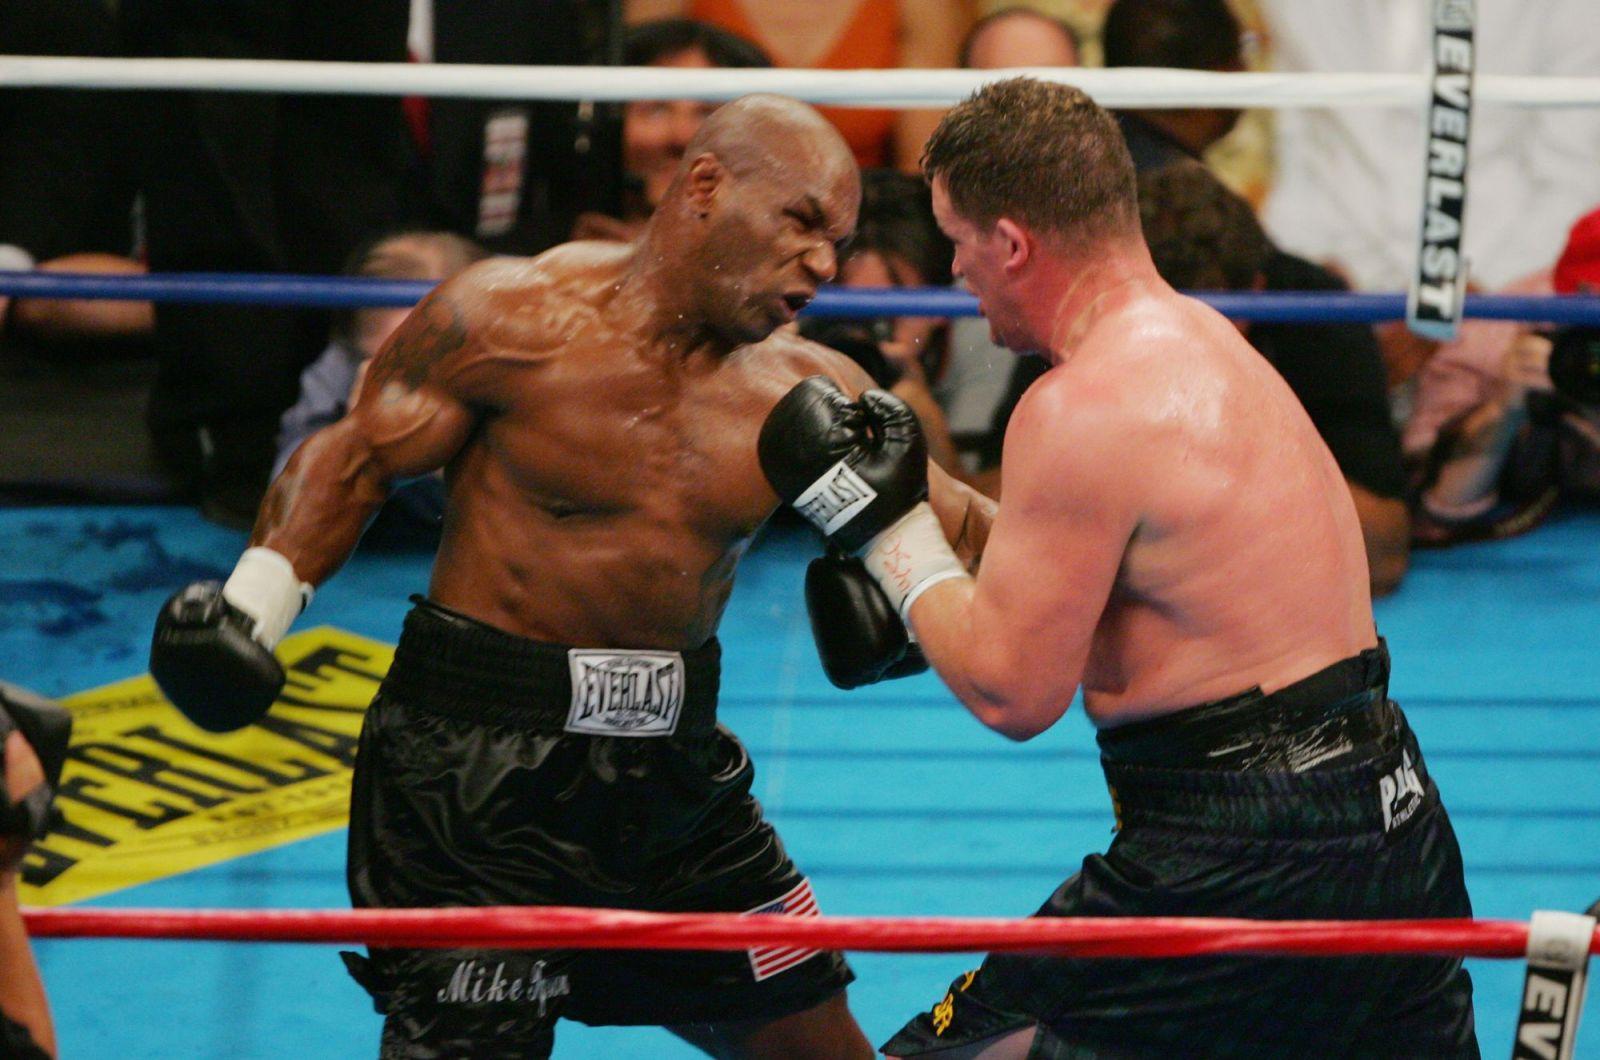 Karlos Vémola, Gábor Boráros, Makhmud Muradov a další nám řekli, komu fandí v megazápase Mike Tyson vs. Roy Jones Jr.